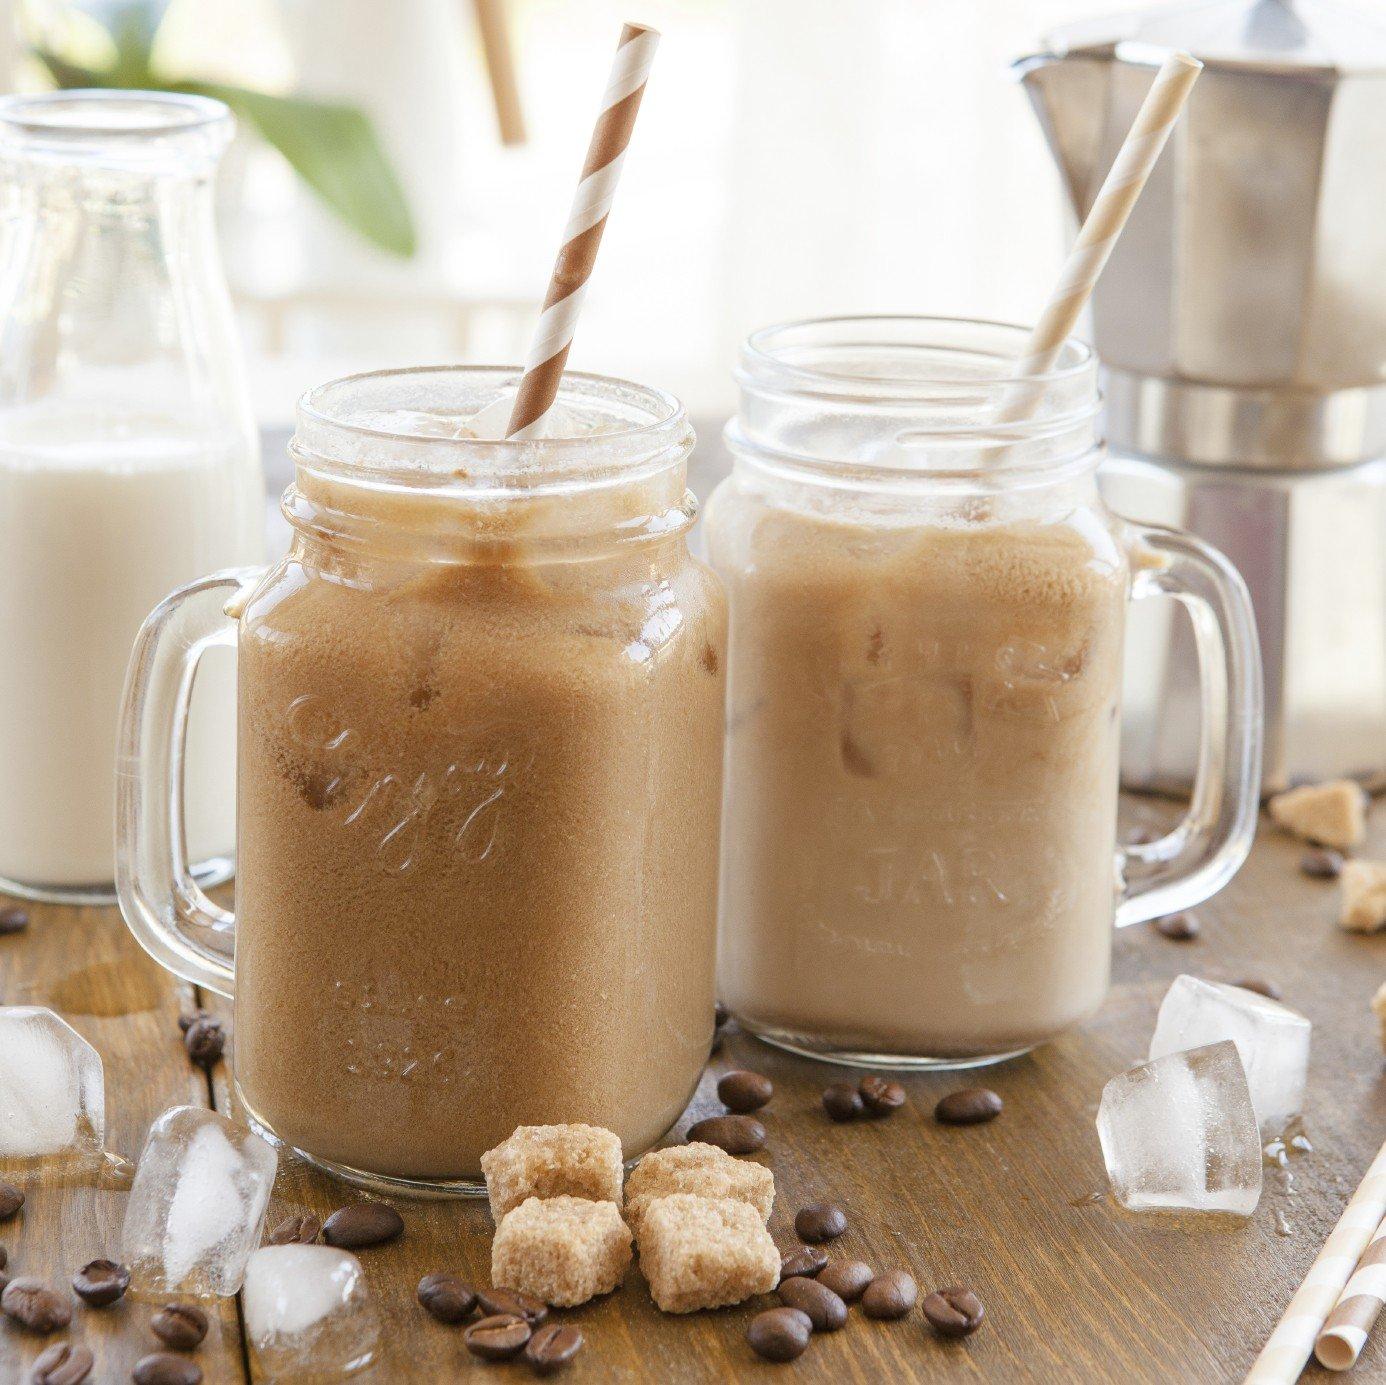 NYC Ice Coffee